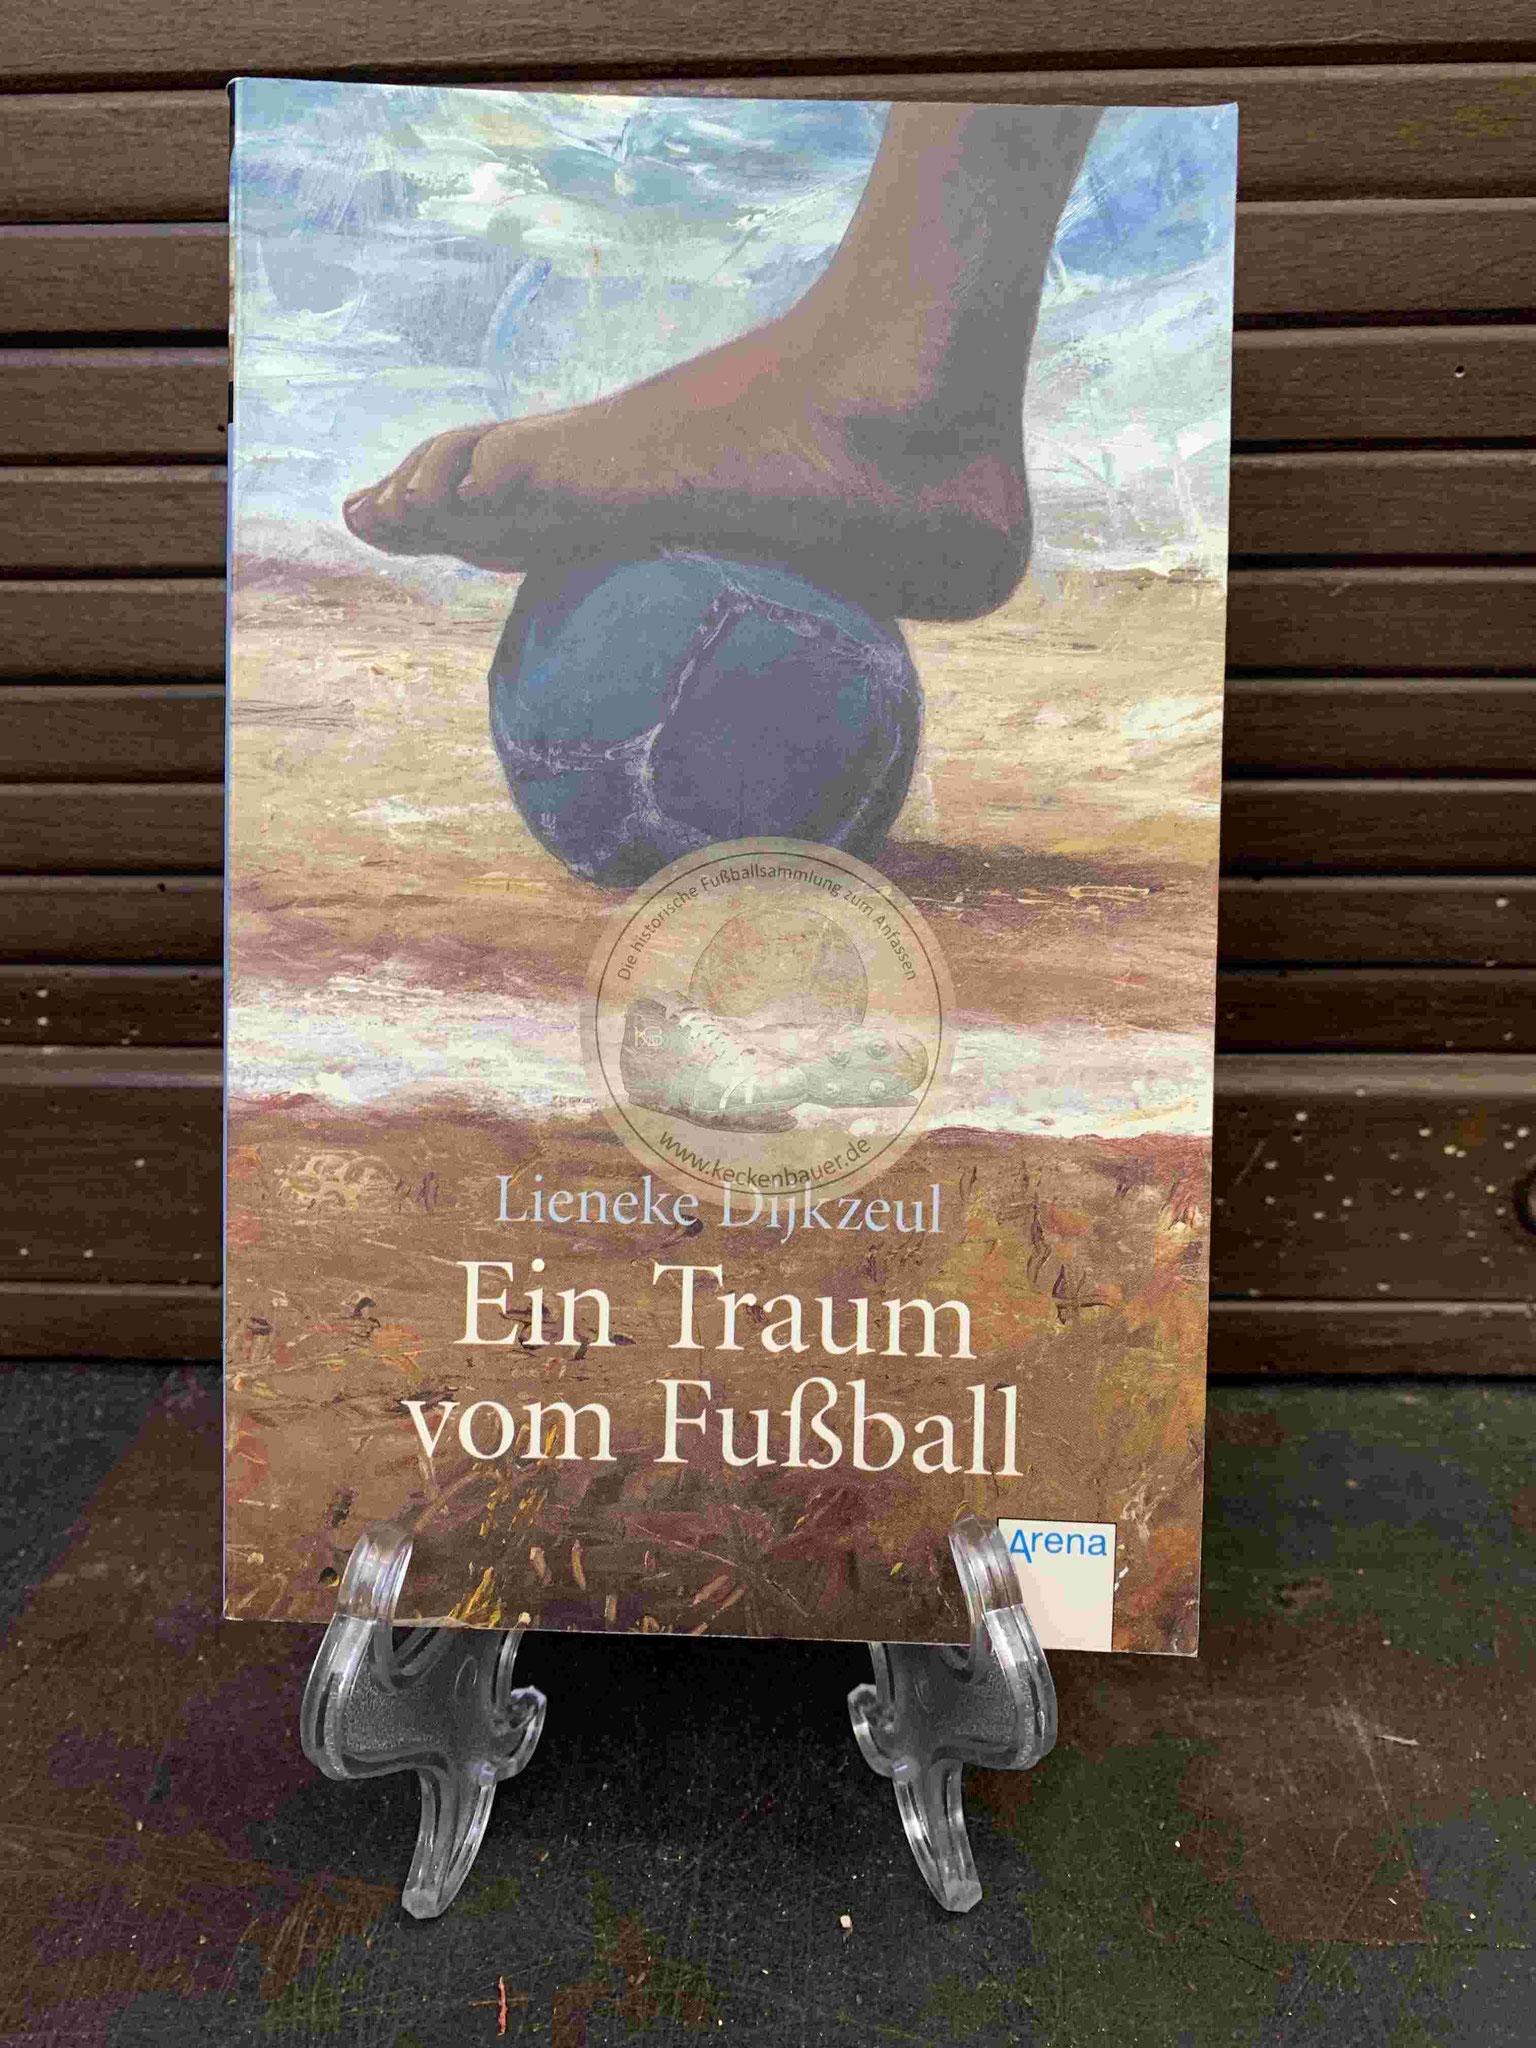 Liebere Dijkzeul Ein Traum vom Fußball aus dem Jahr 2004